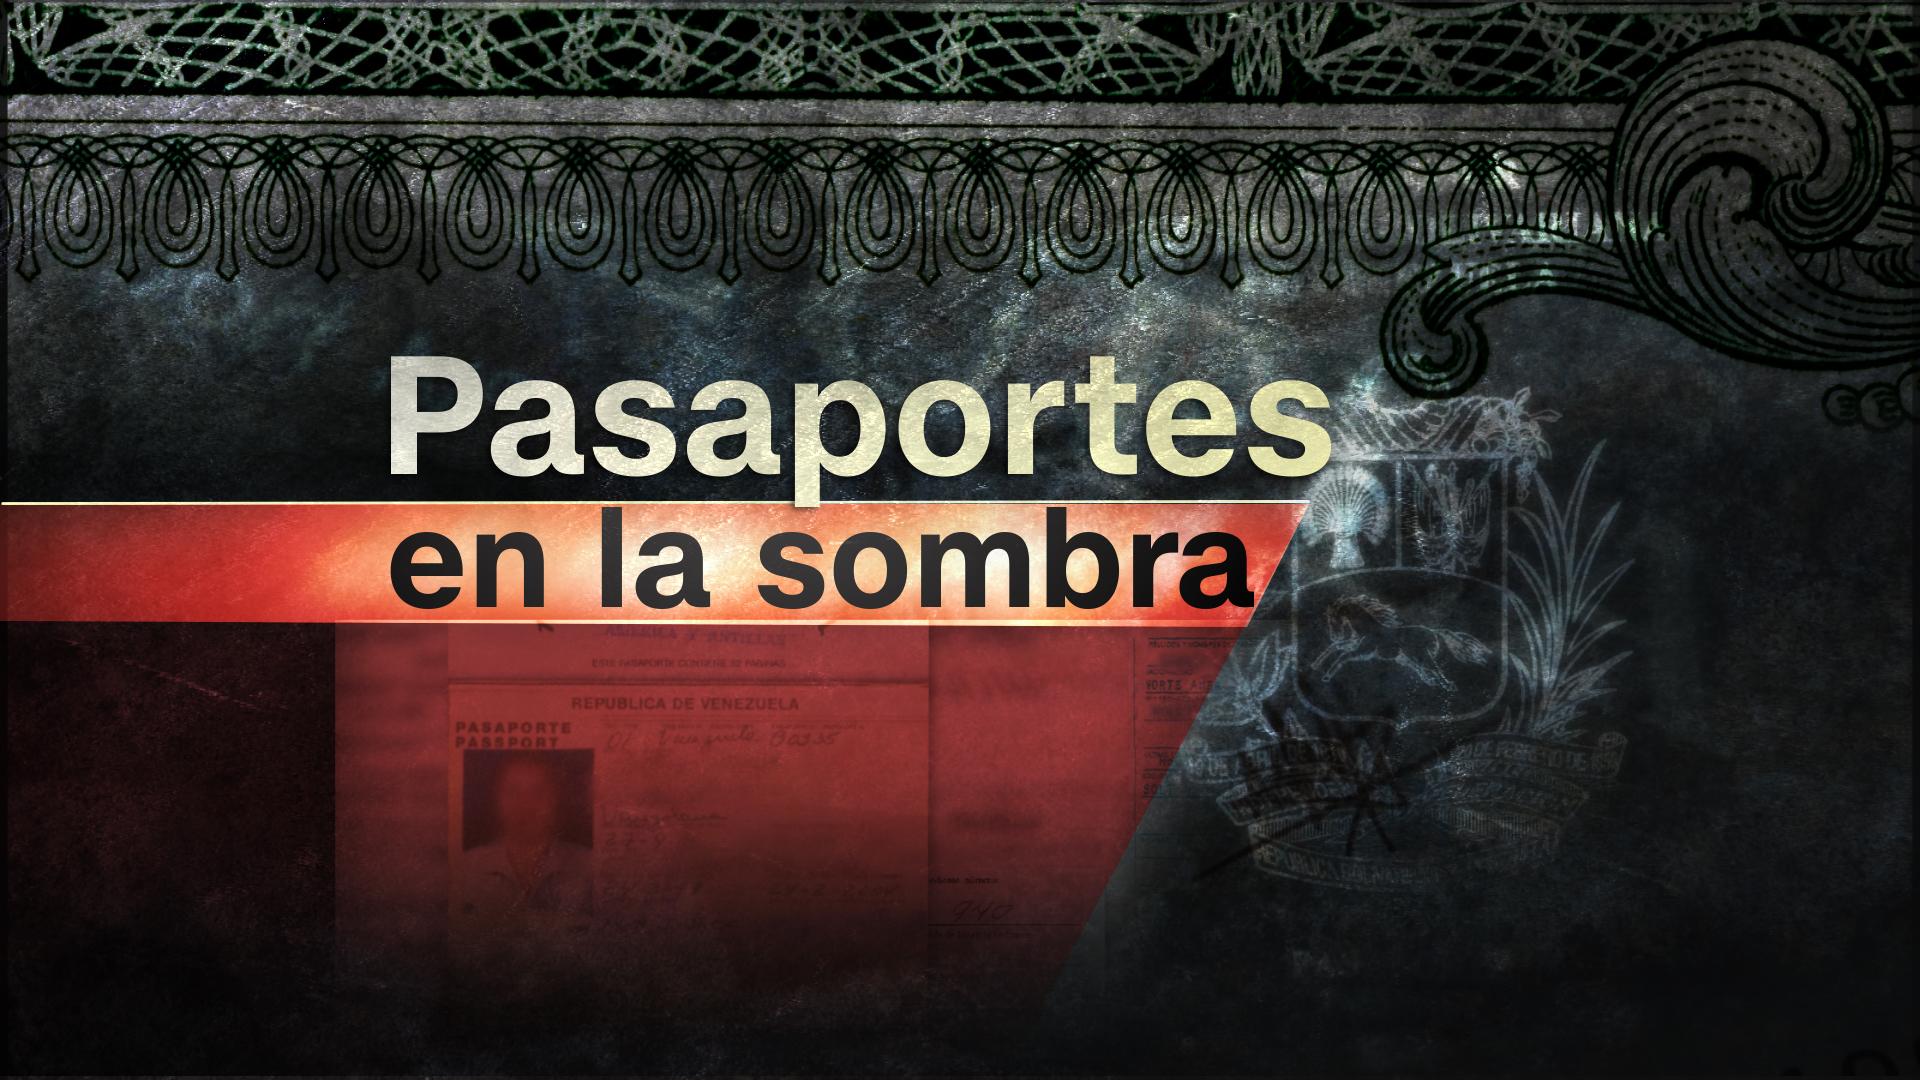 Pasaportes venezolanos, ¿en manos equivocadas?